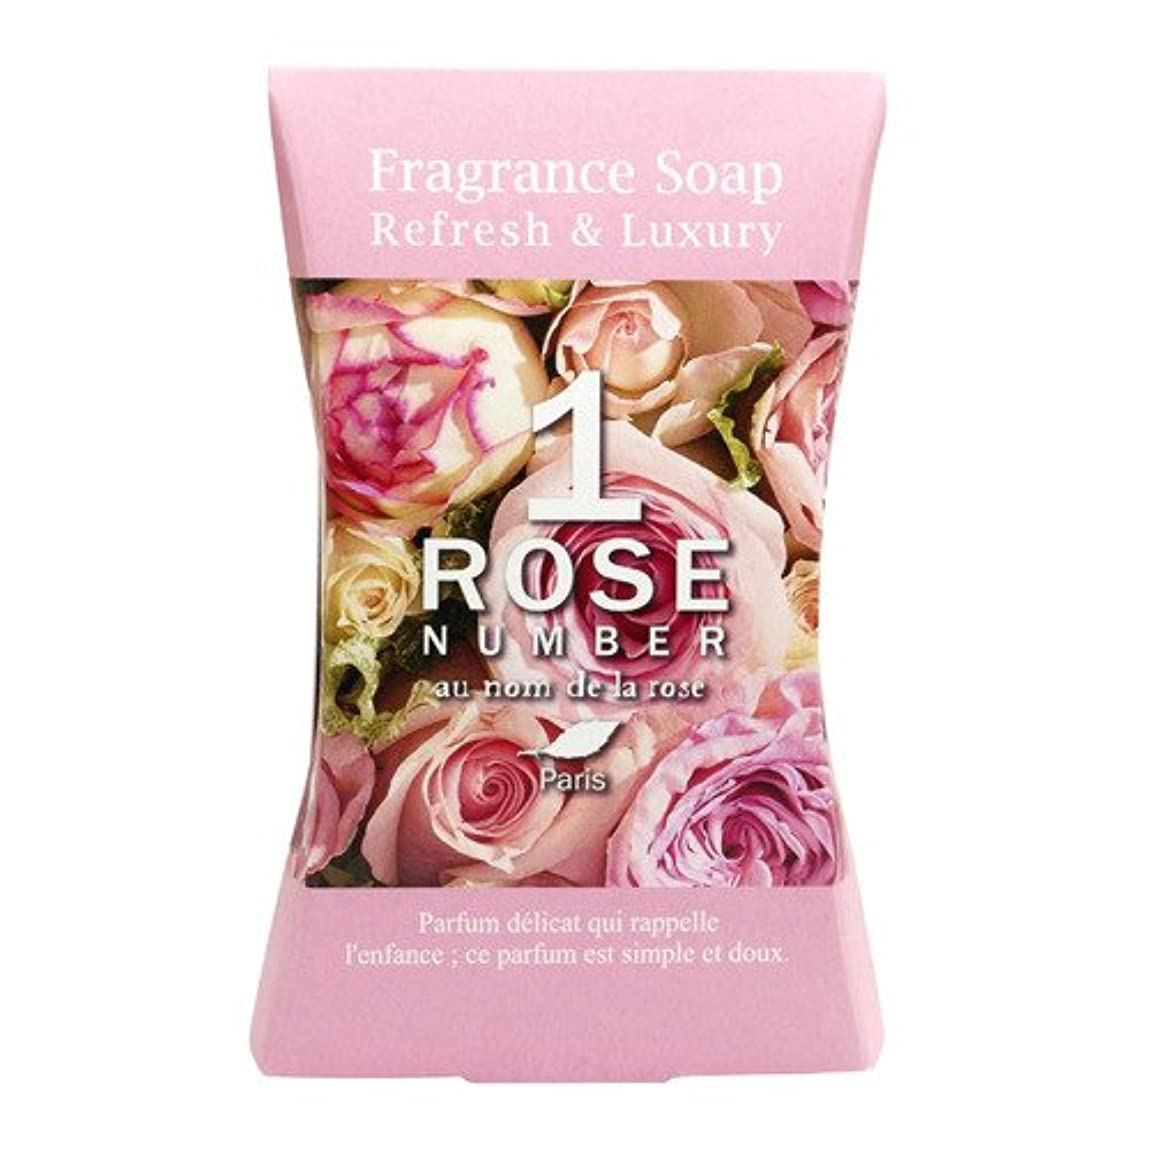 ネックレス南方のスパンROSE NUMBER ソープバー NO1 ピュアなバラの香り (100g)